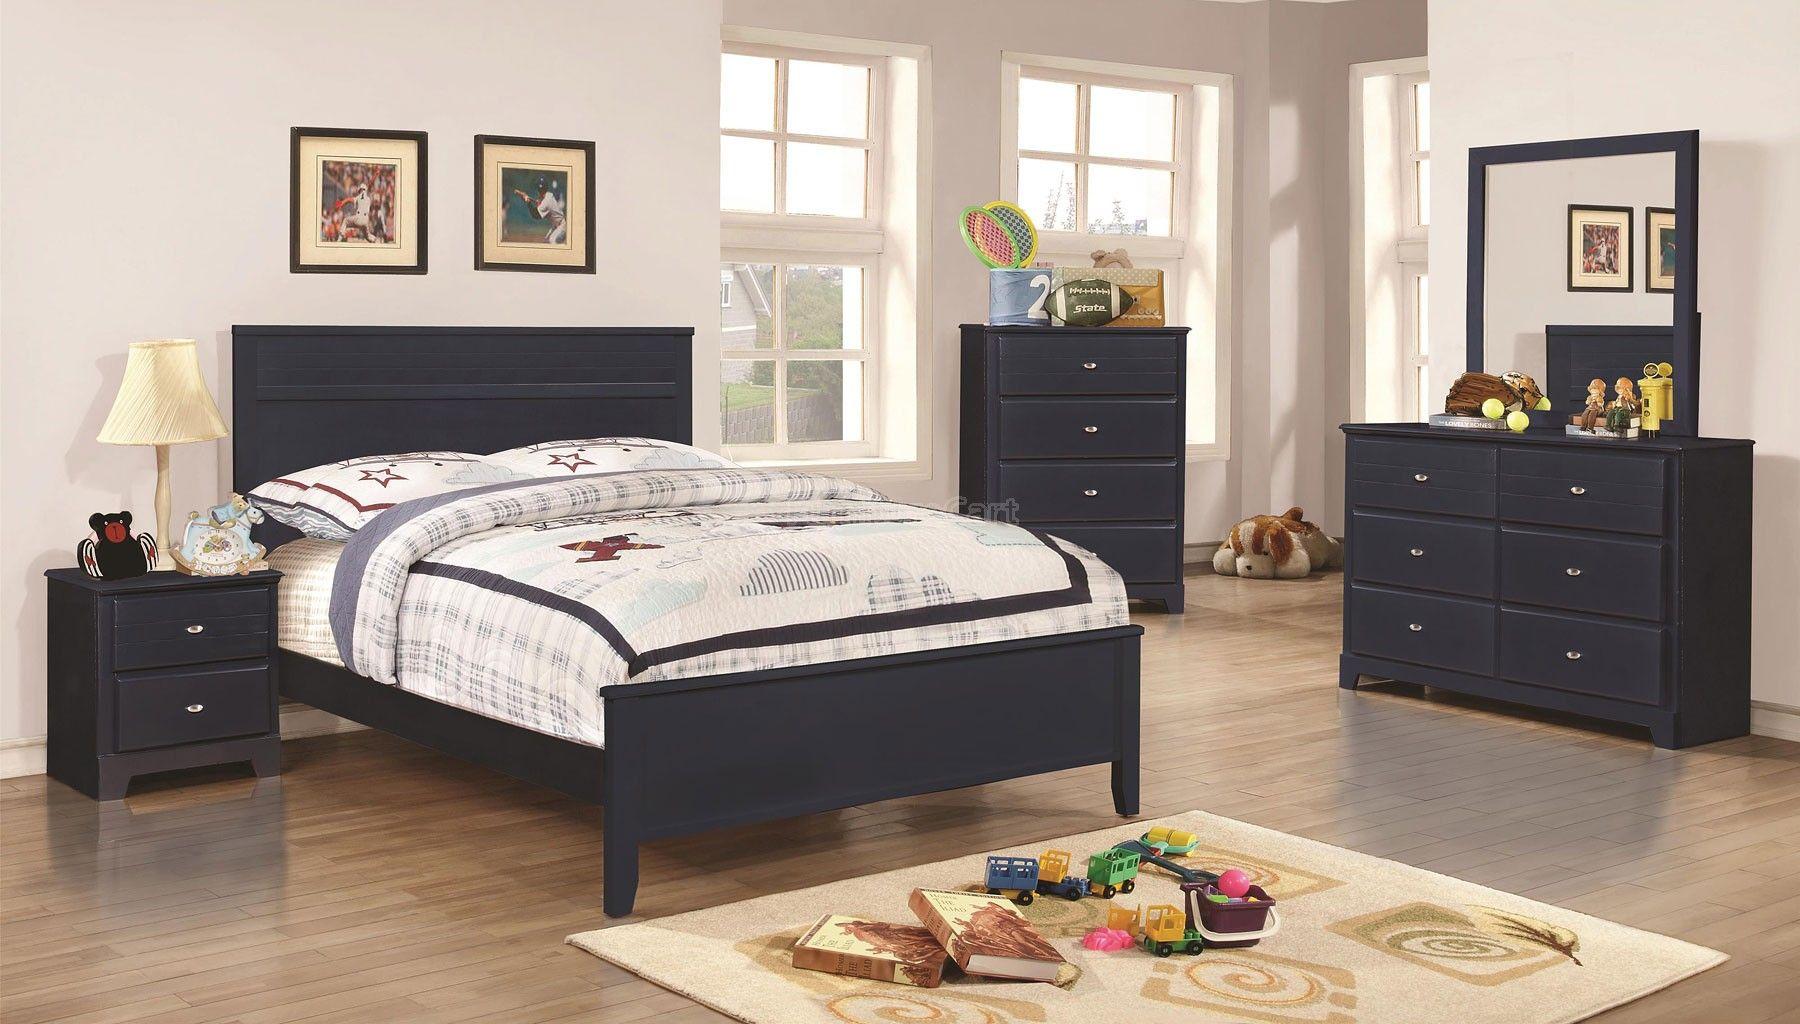 Ashton Youth Bedroom Set Navy Coaster Furniture Furniture Bedroom Set Blue Bedroom Furniture